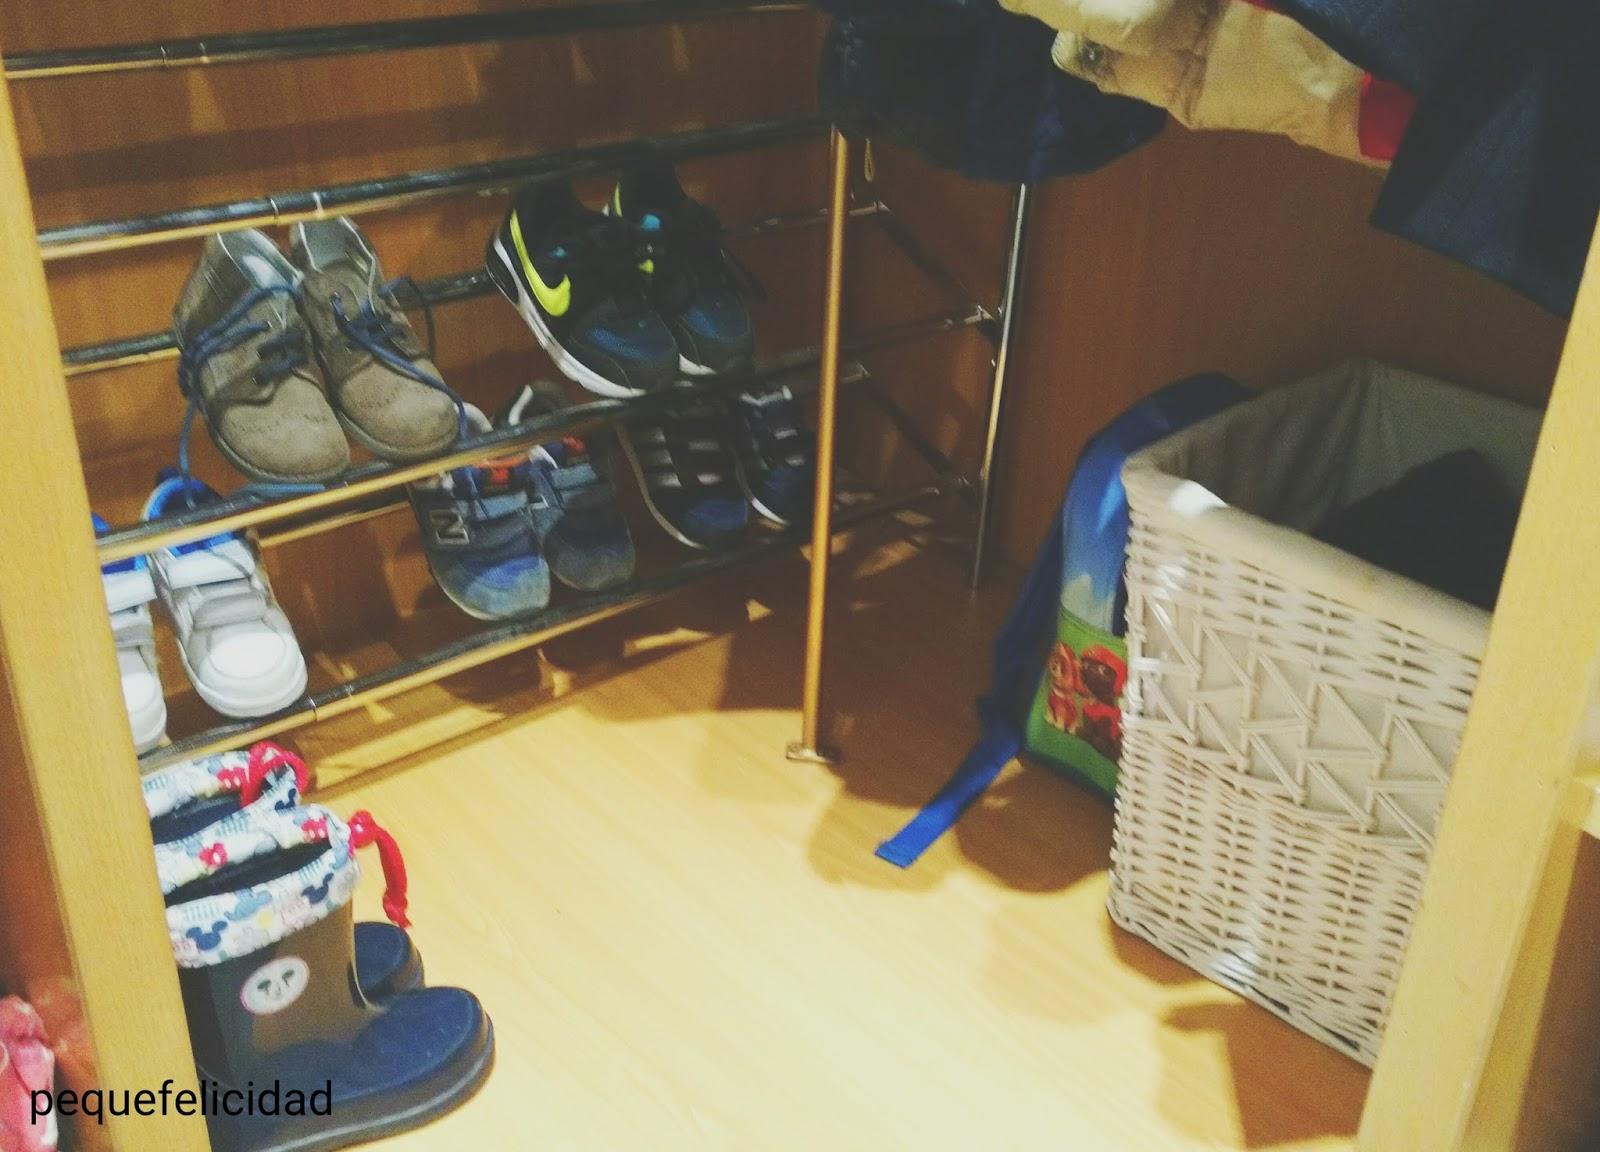 Pequefelicidad armarios montessori - Ordenar una habitacion ...